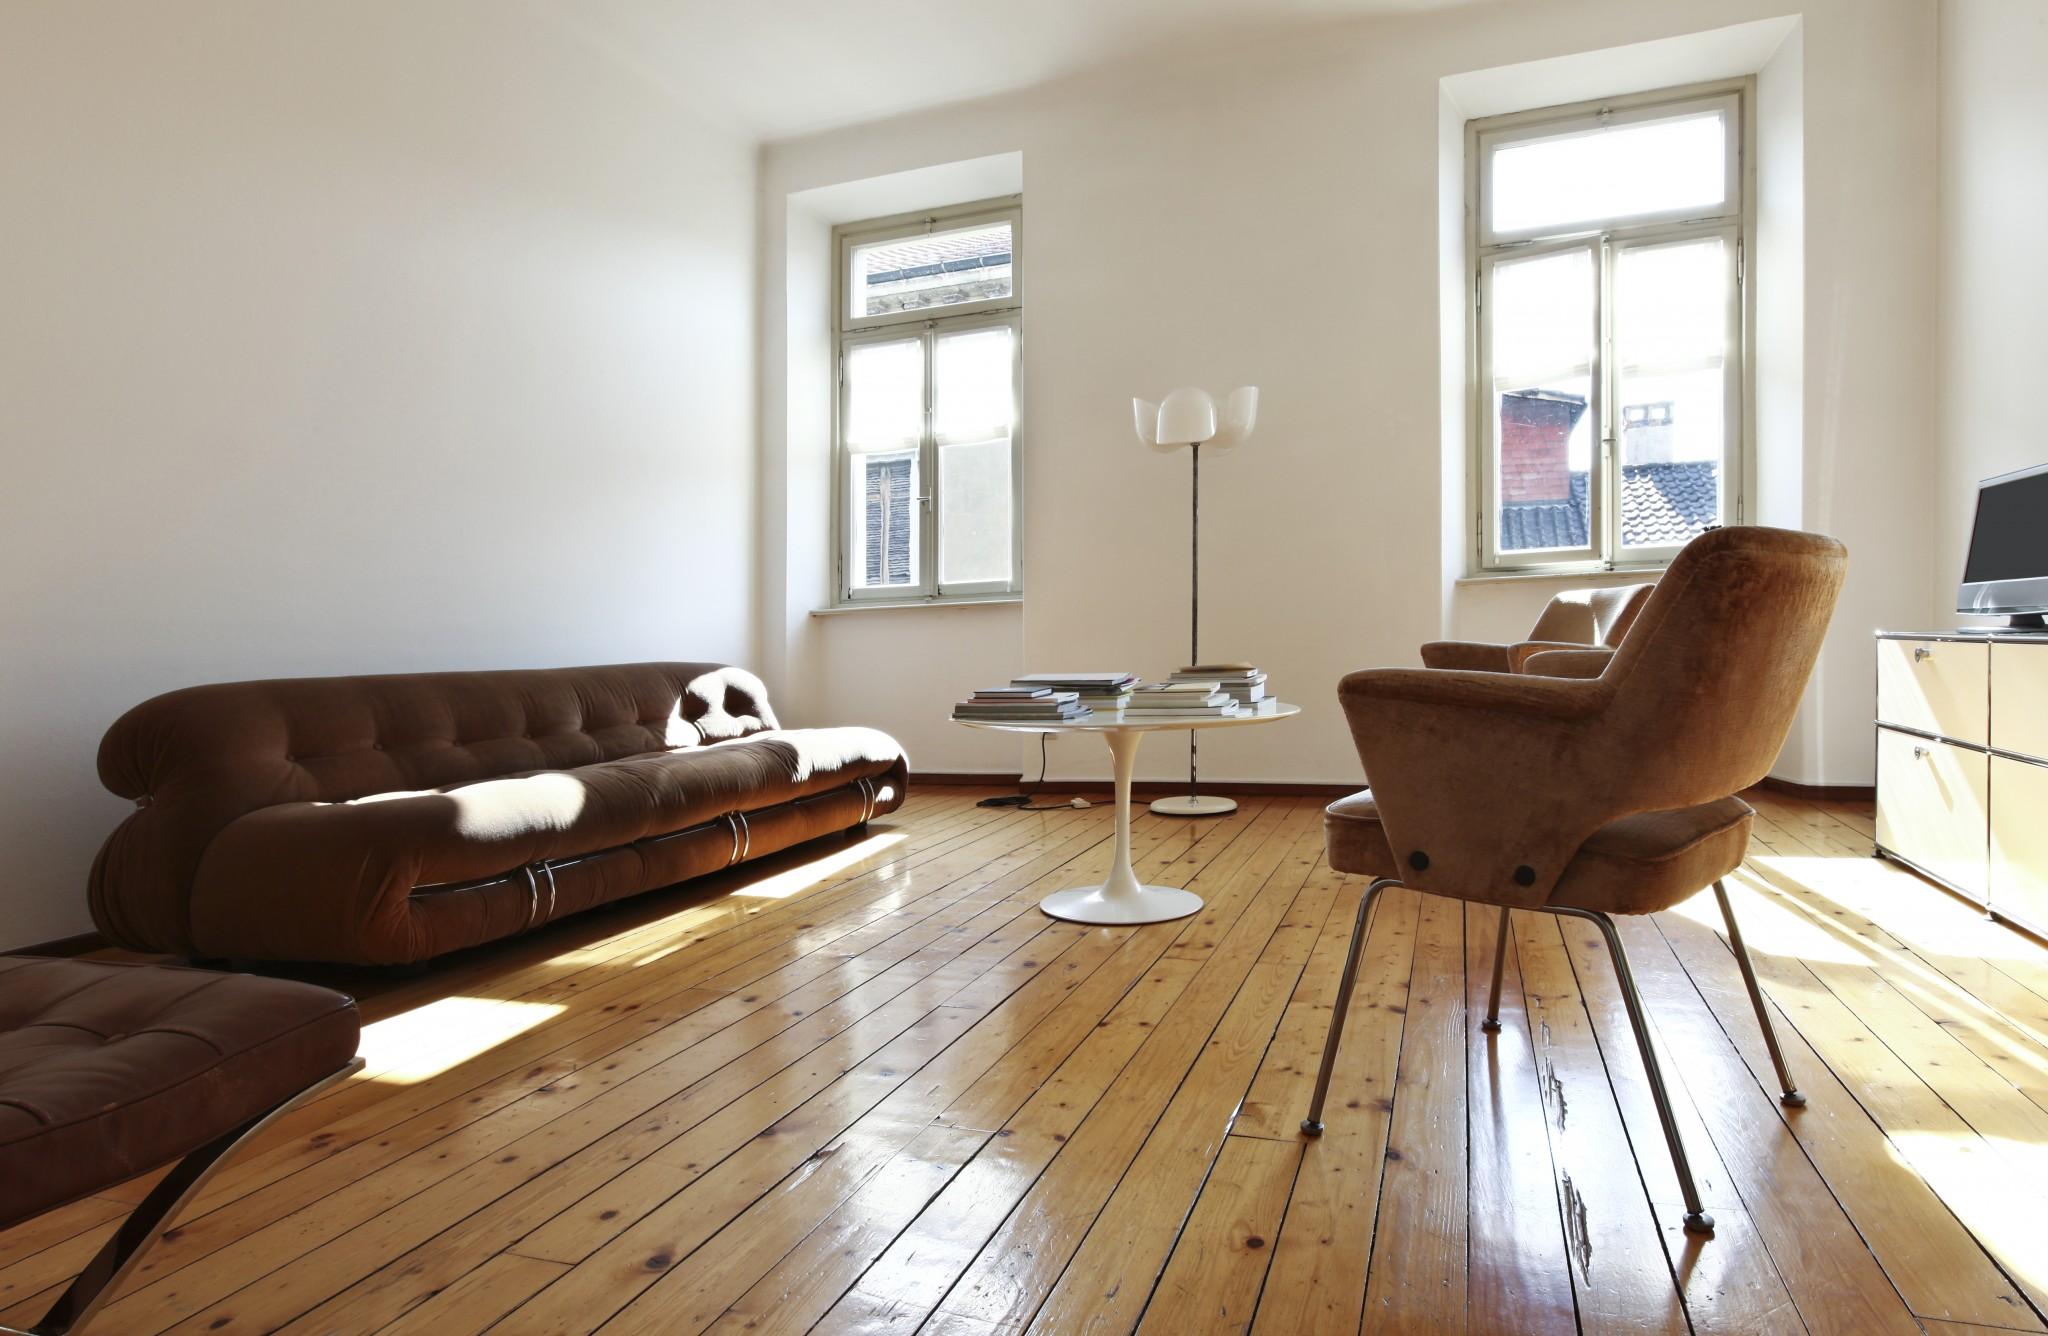 tat des lieux et fin du bail actualit s d cos bons plans immobiliers dans le sud ouest. Black Bedroom Furniture Sets. Home Design Ideas